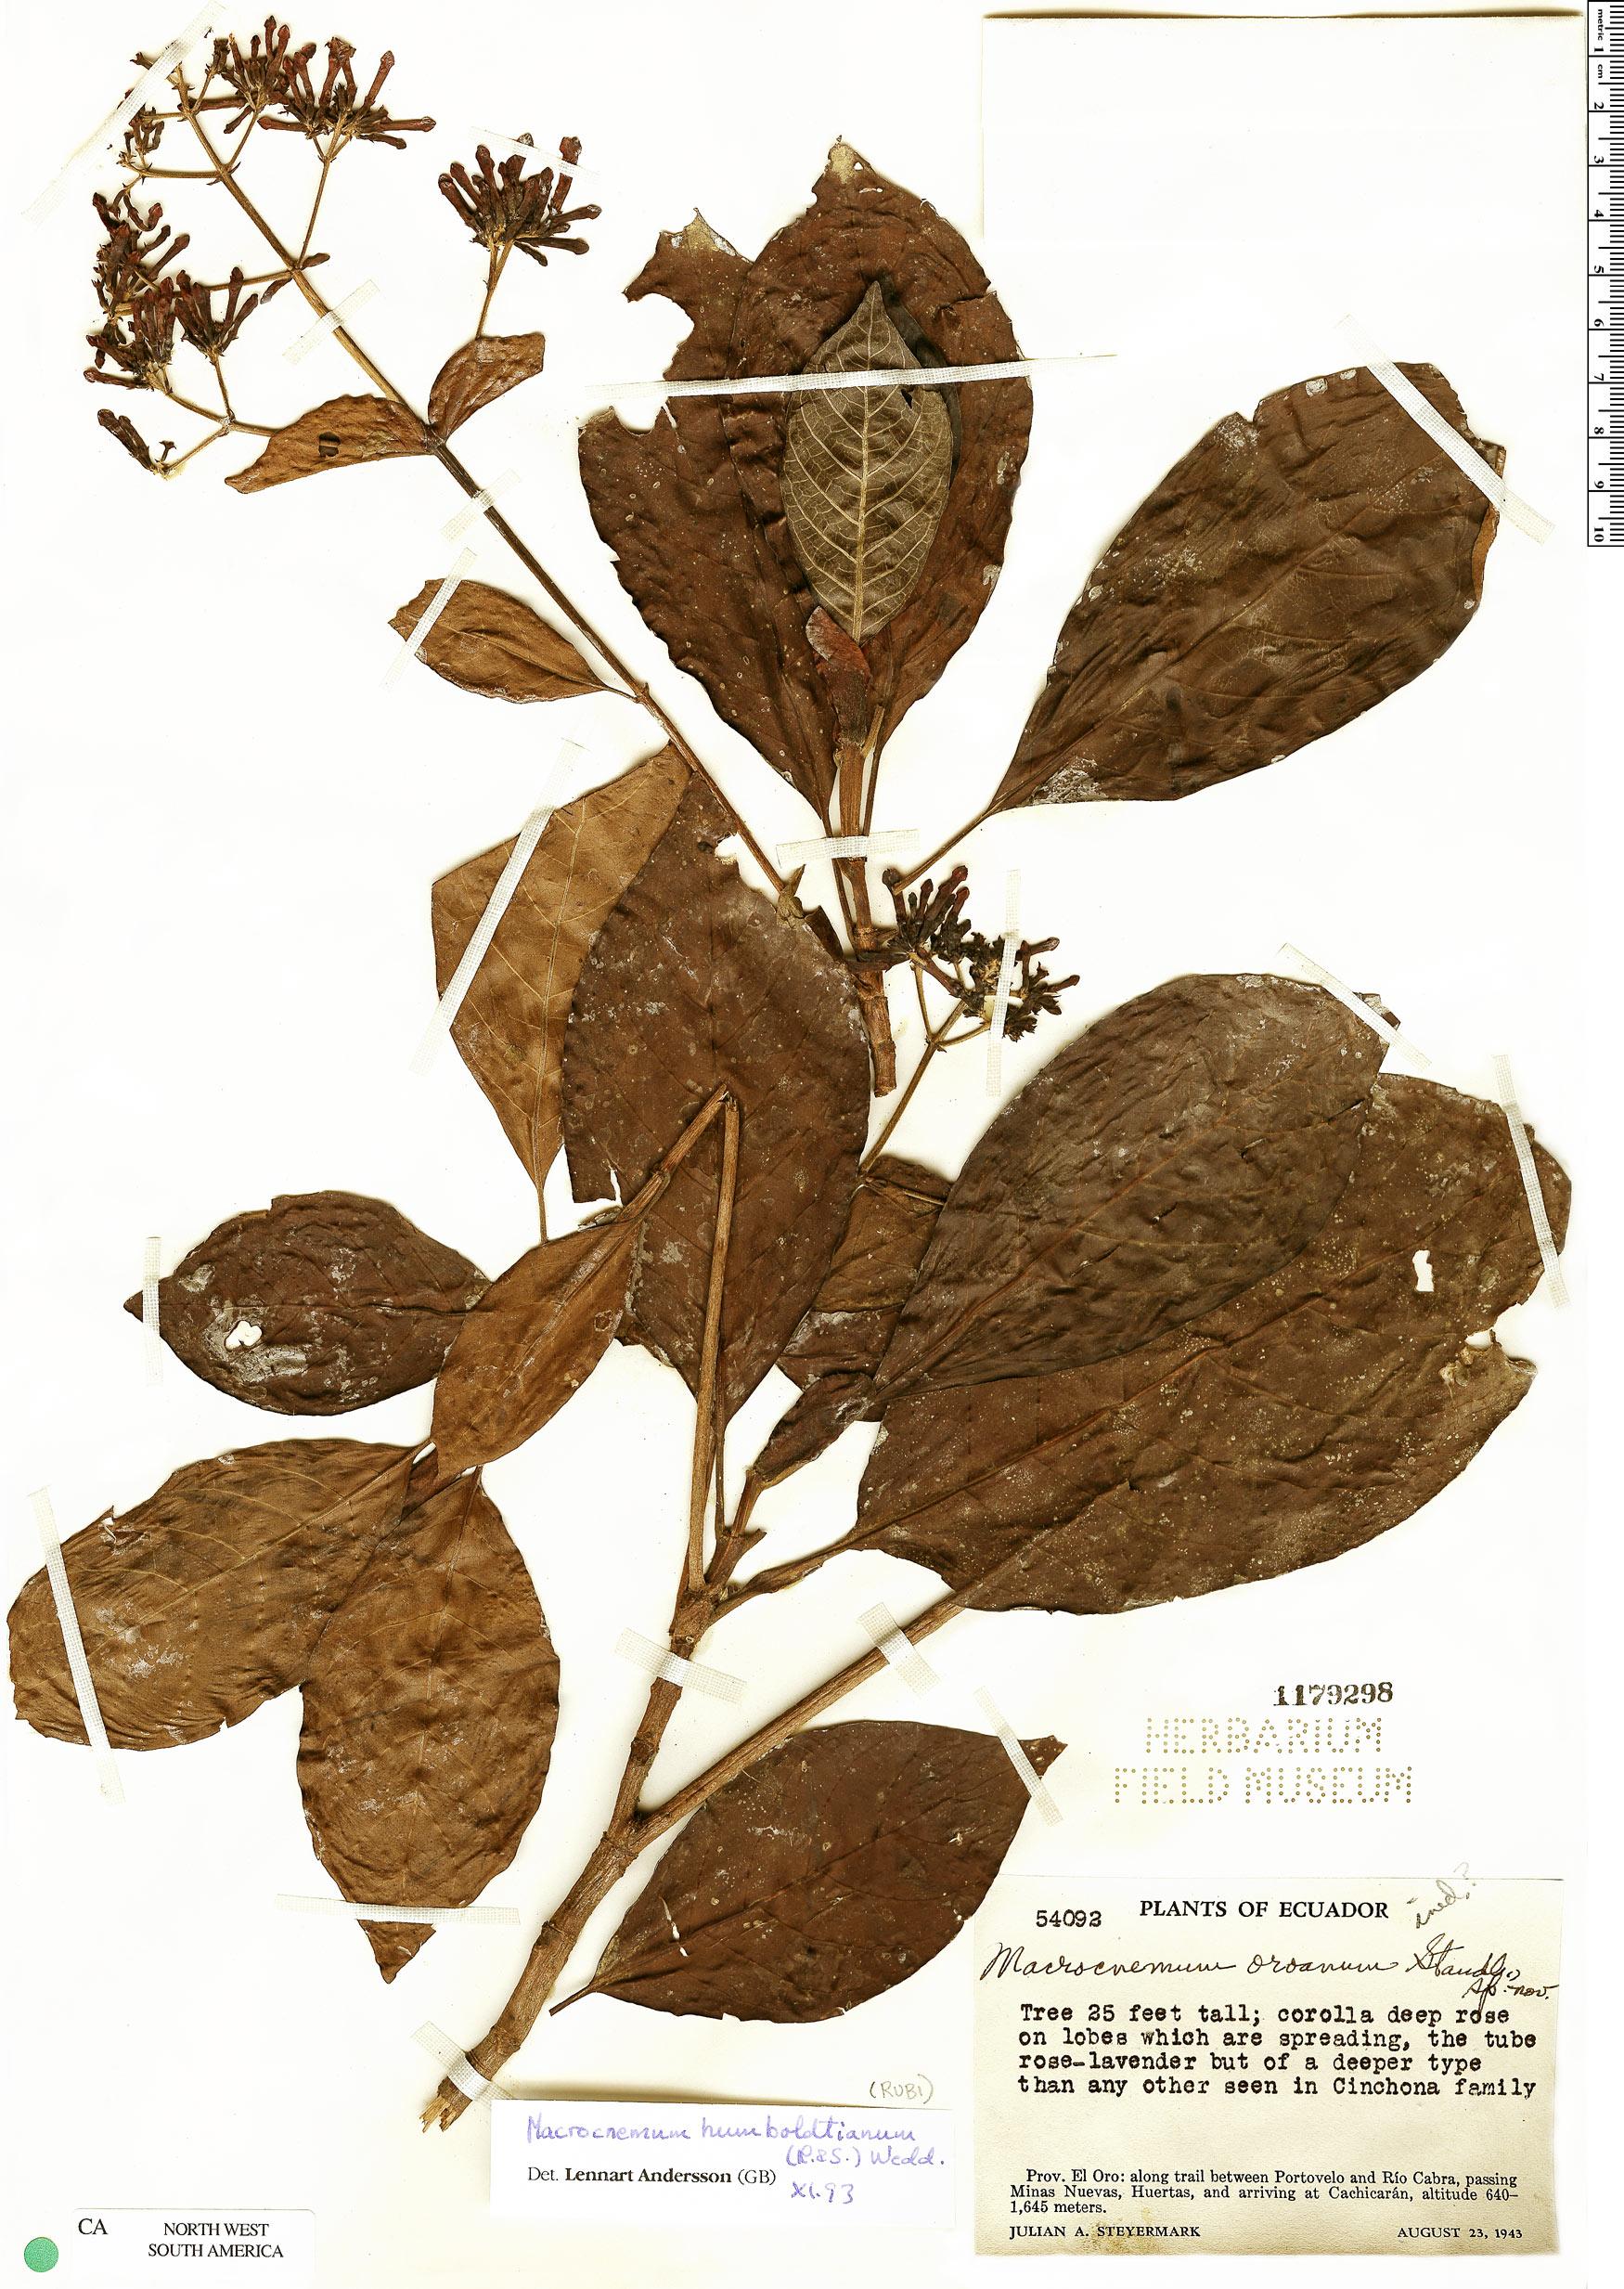 Specimen: Macrocnemum humboldtianum